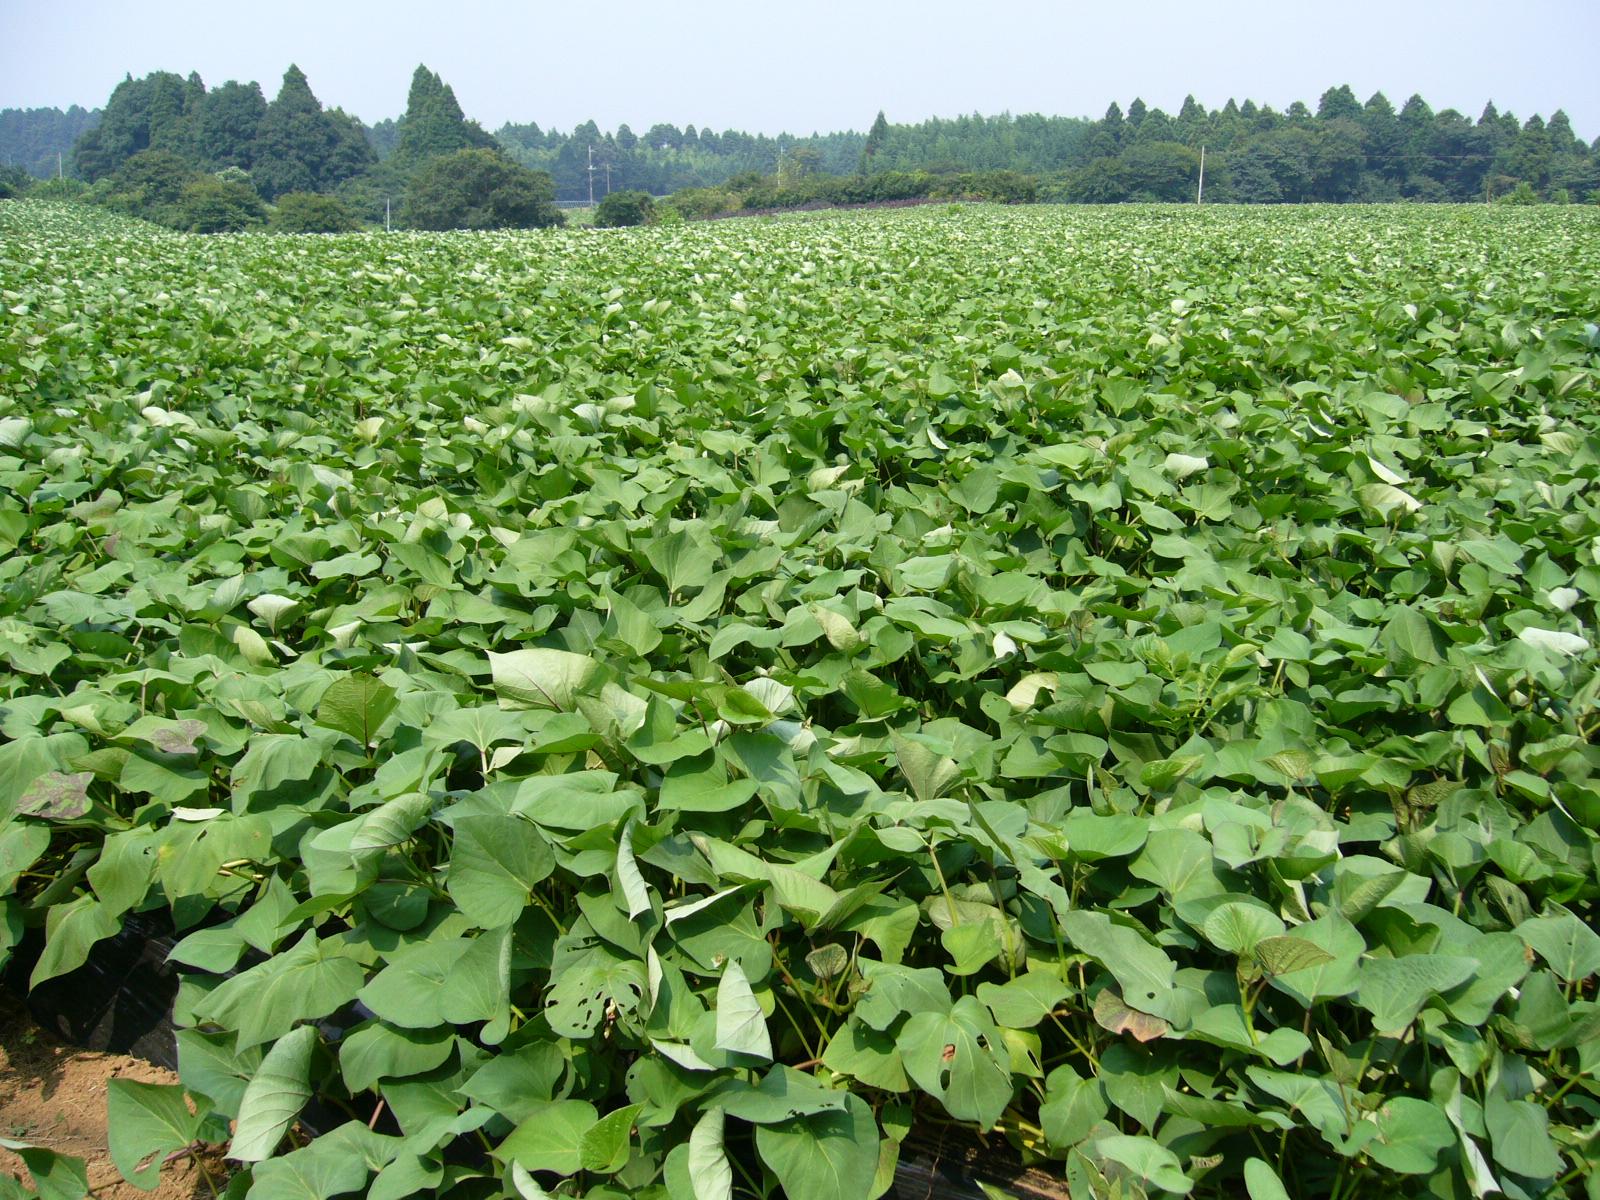 Odling av sötpotatis i Japan